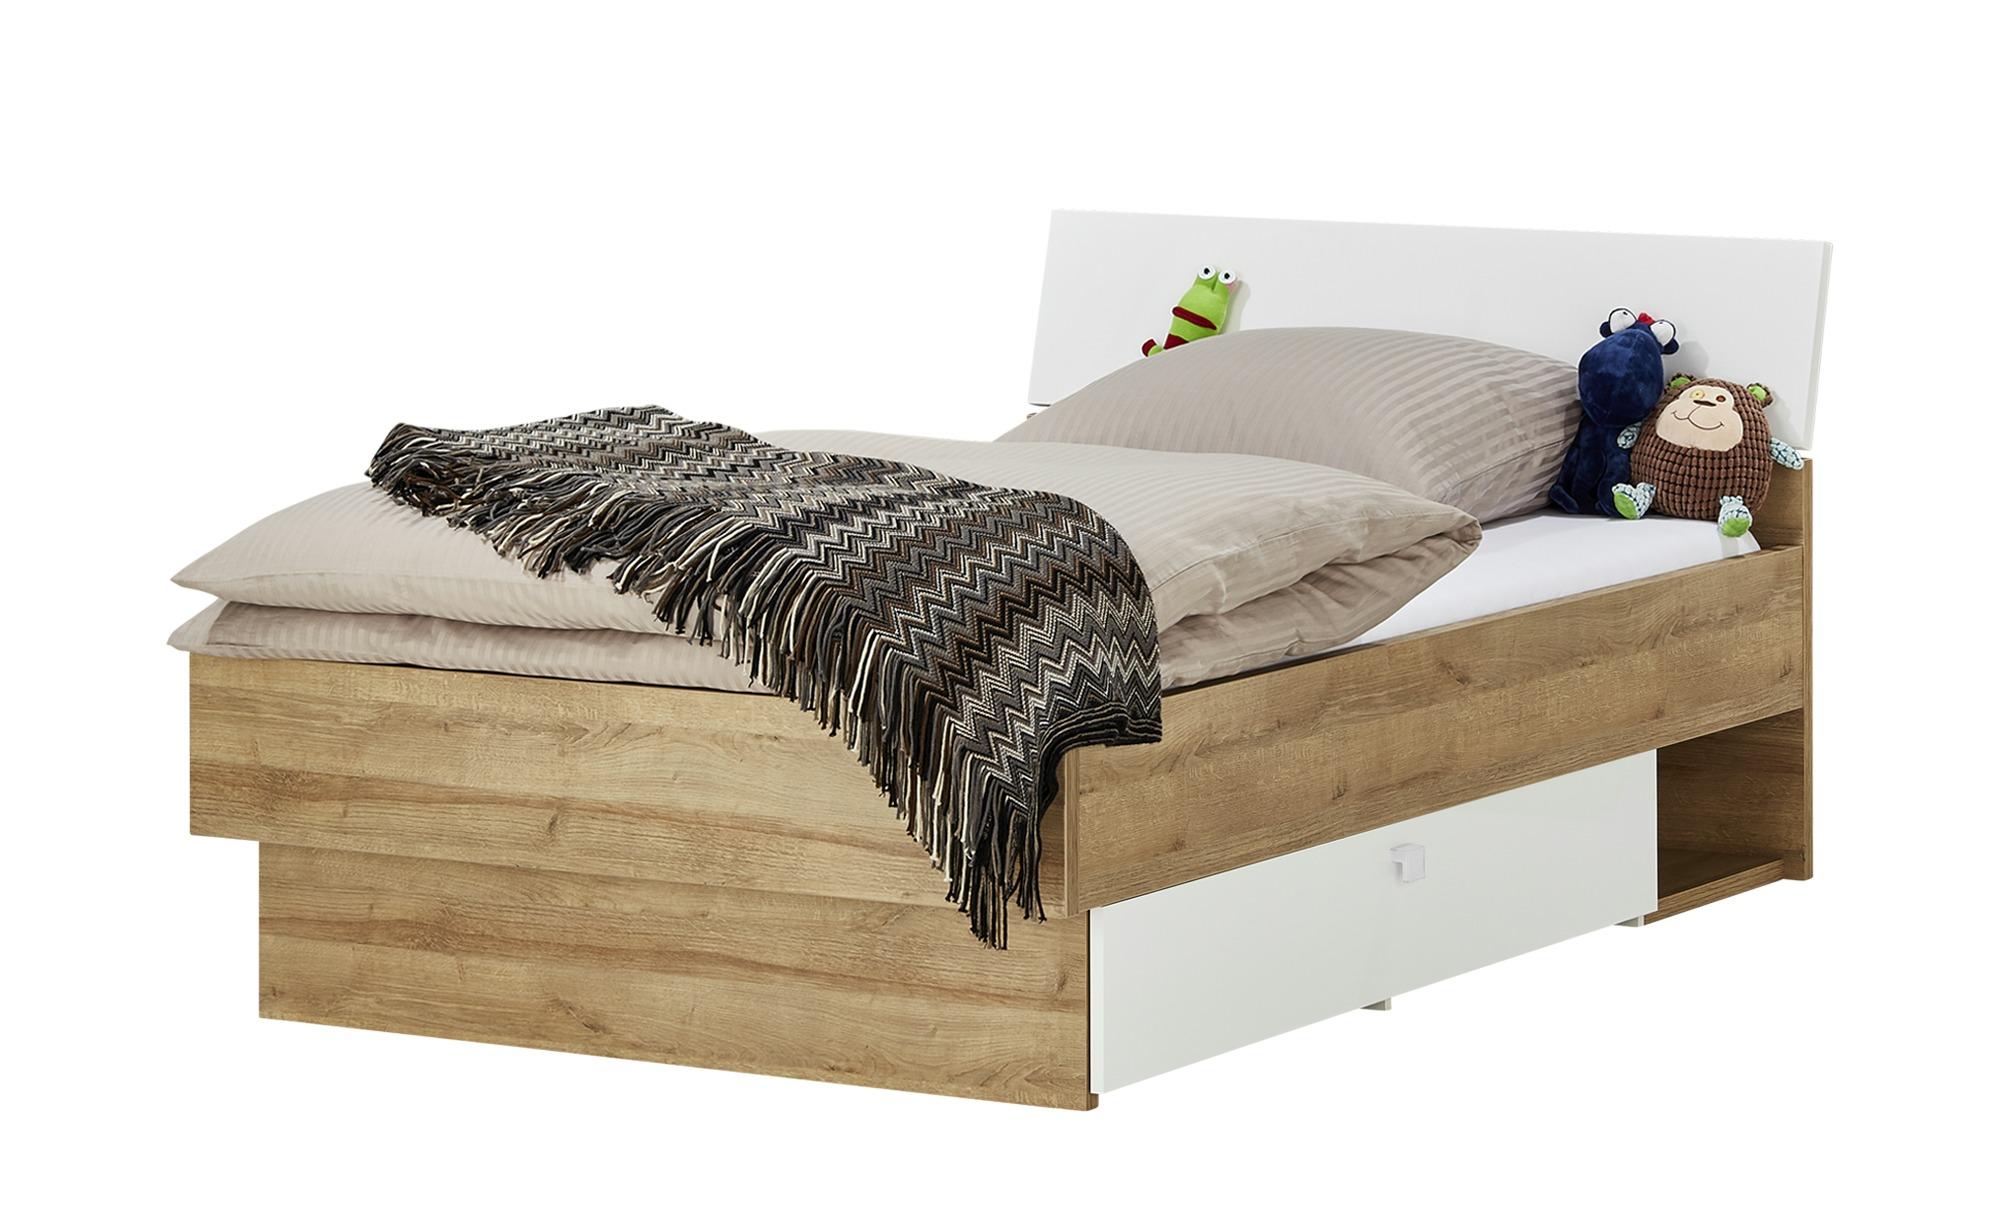 Full Size of Kinderbett 120x200 Bett Bente Cm Mbel Hffner Weiß Mit Bettkasten Matratze Und Lattenrost Betten Wohnzimmer Kinderbett 120x200